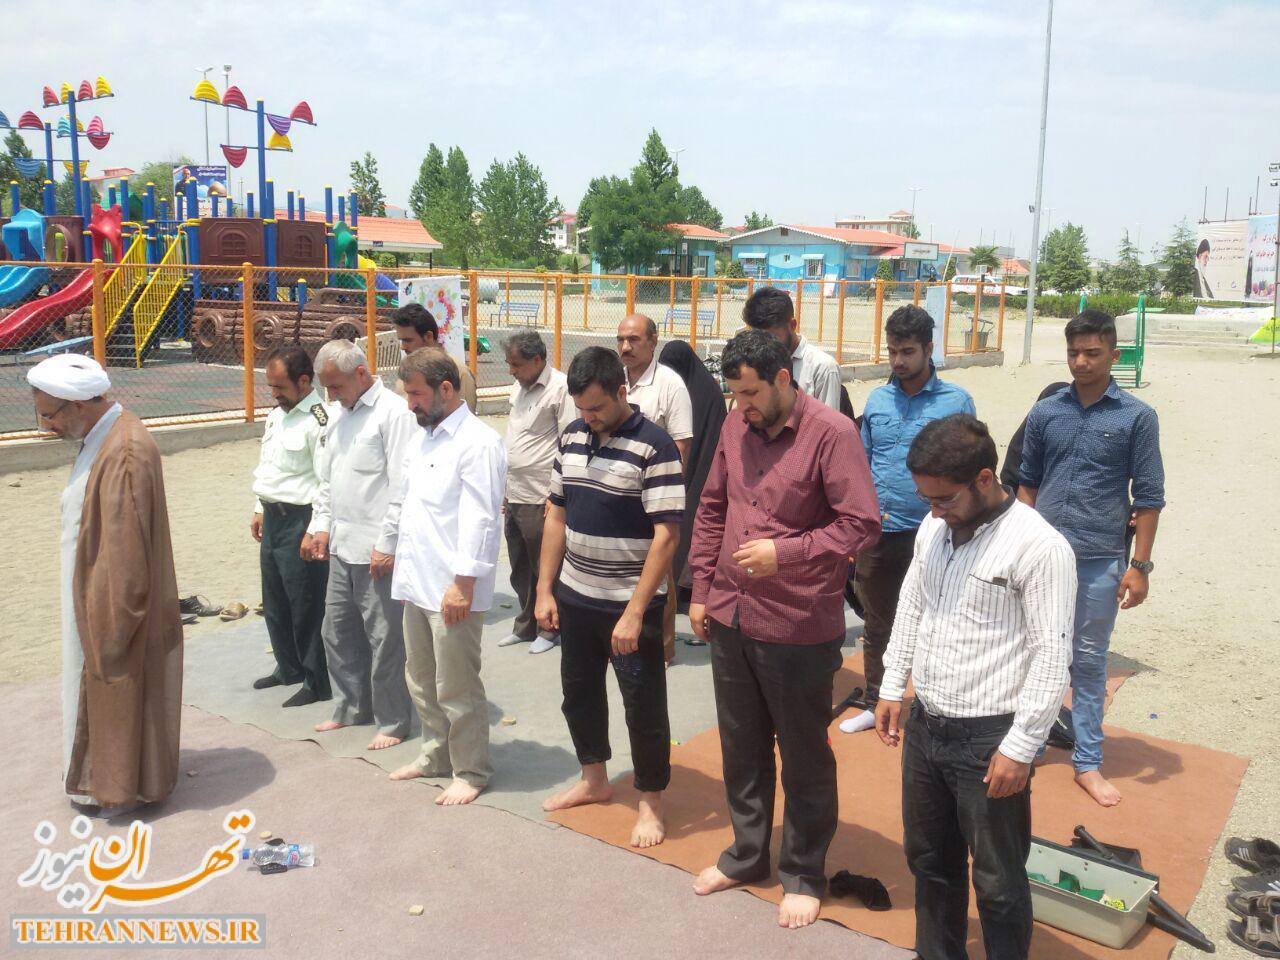 کمبود مسجد در مناطق مرکزی و شمالی تهران